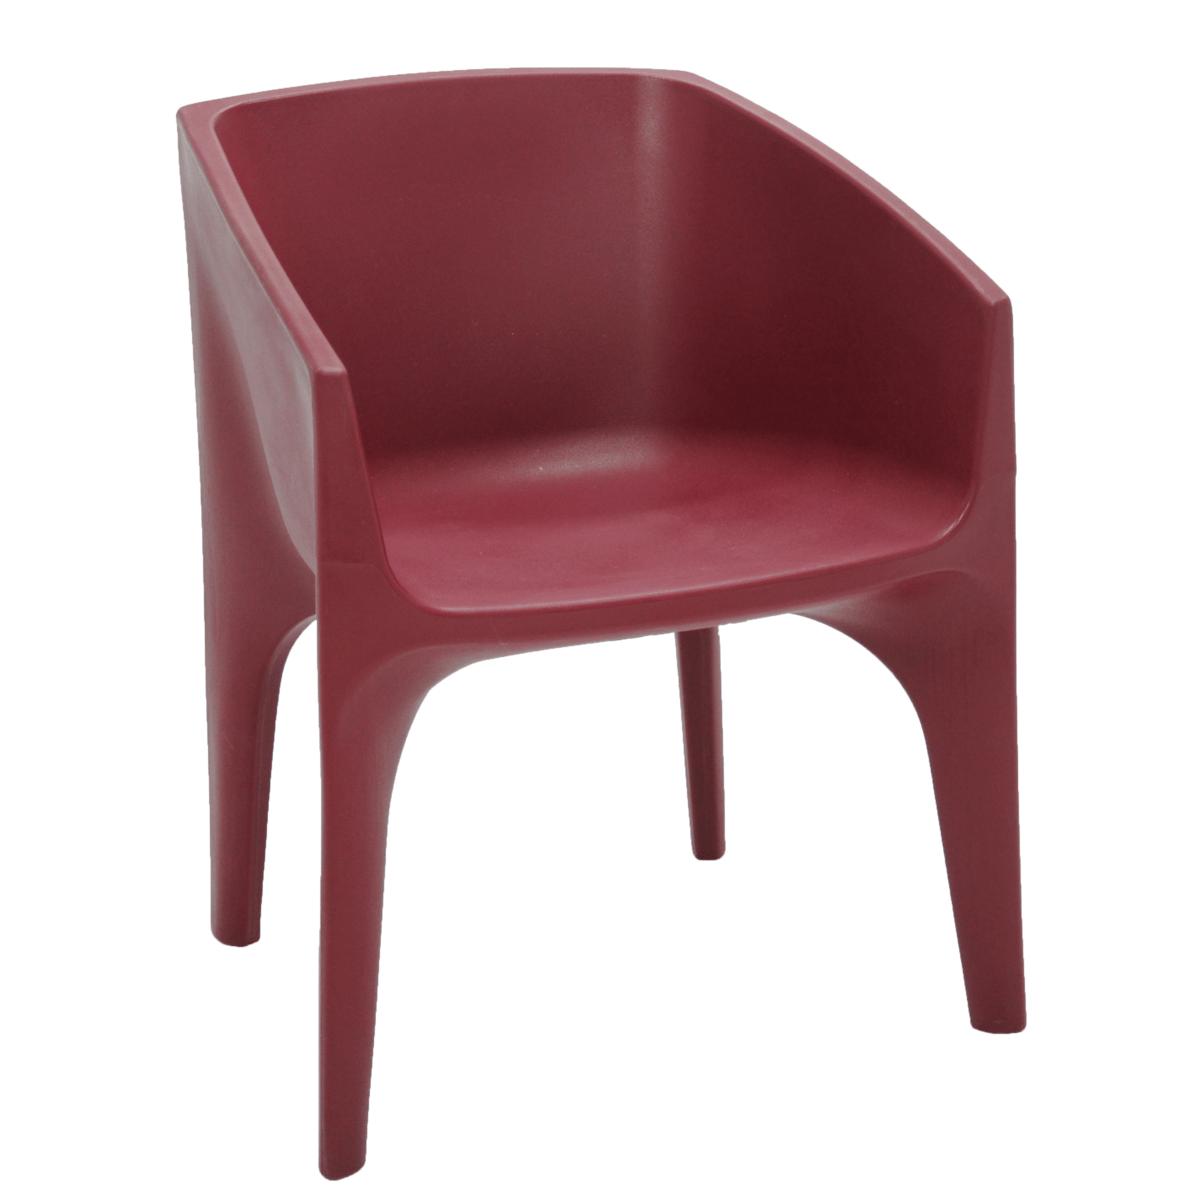 Cadeira Tramontina Paco Marsala em Polietileno com Braços 92715054